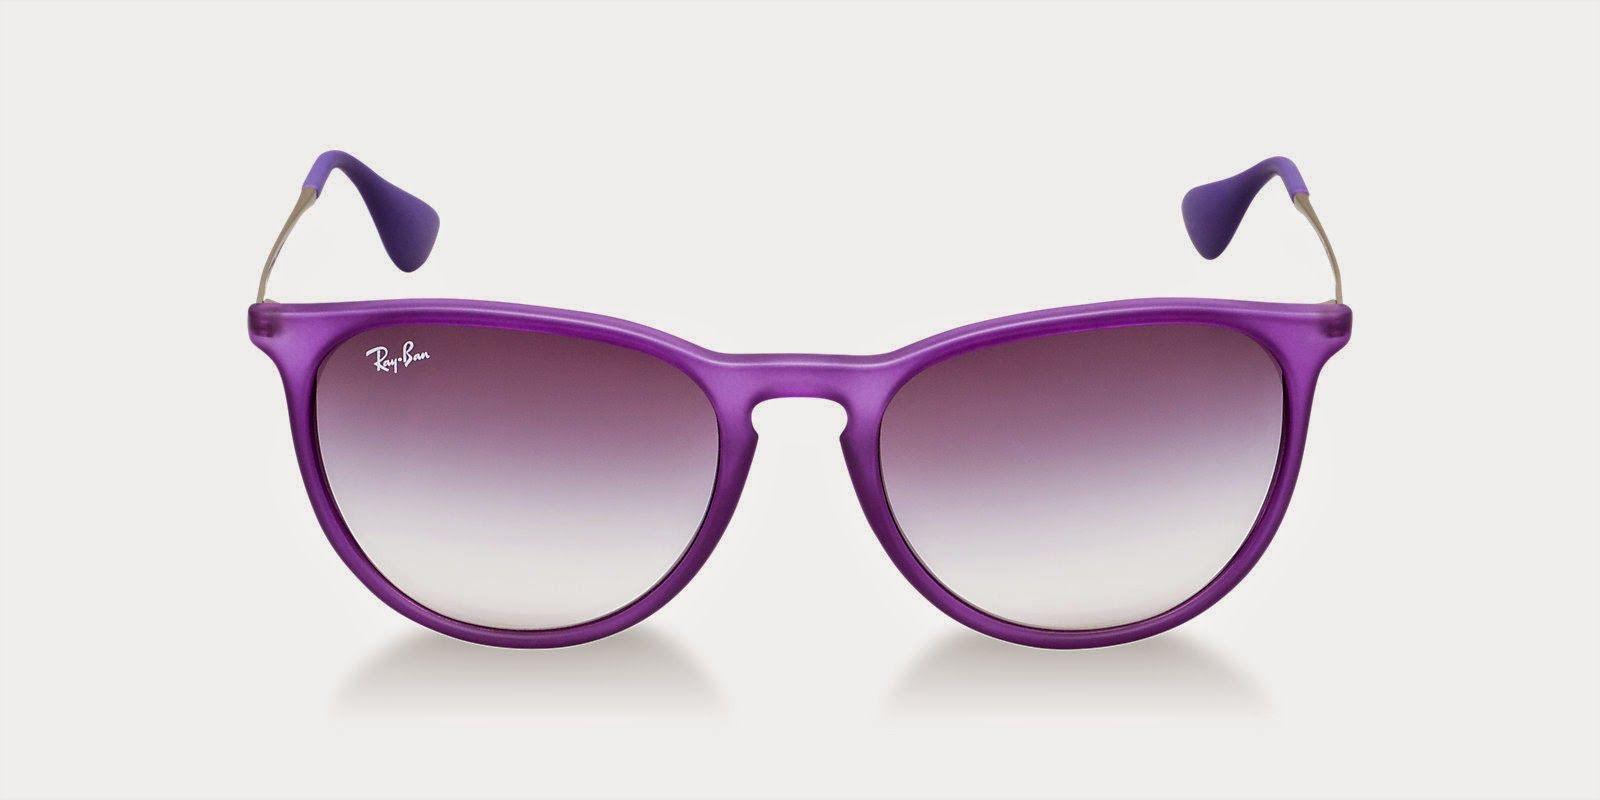 gafas ray ban 2015 mujer